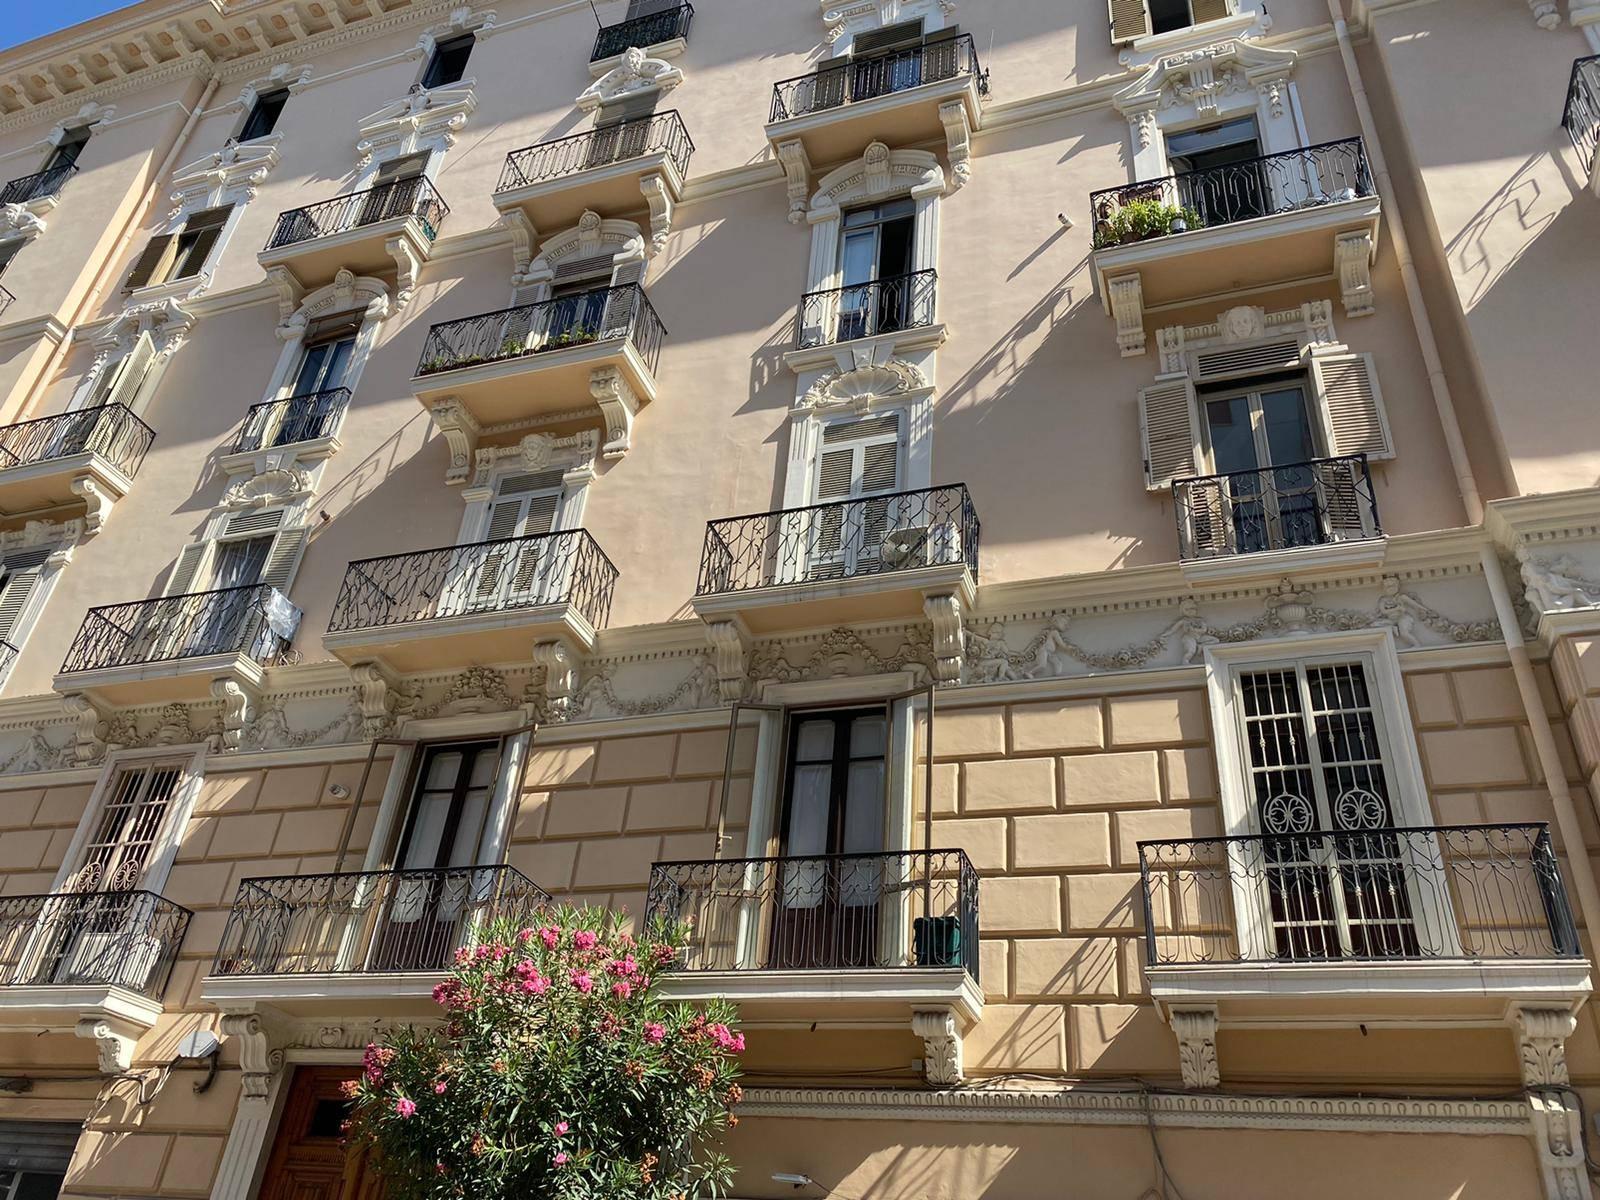 CENTRO, SALERNO, Wohnung zur miete von 67 Qm, Bewohnbar, Heizung Nicht bestehend, Energie-klasse: G, am boden 5° auf 6, zusammengestellt von: 2 Raume,